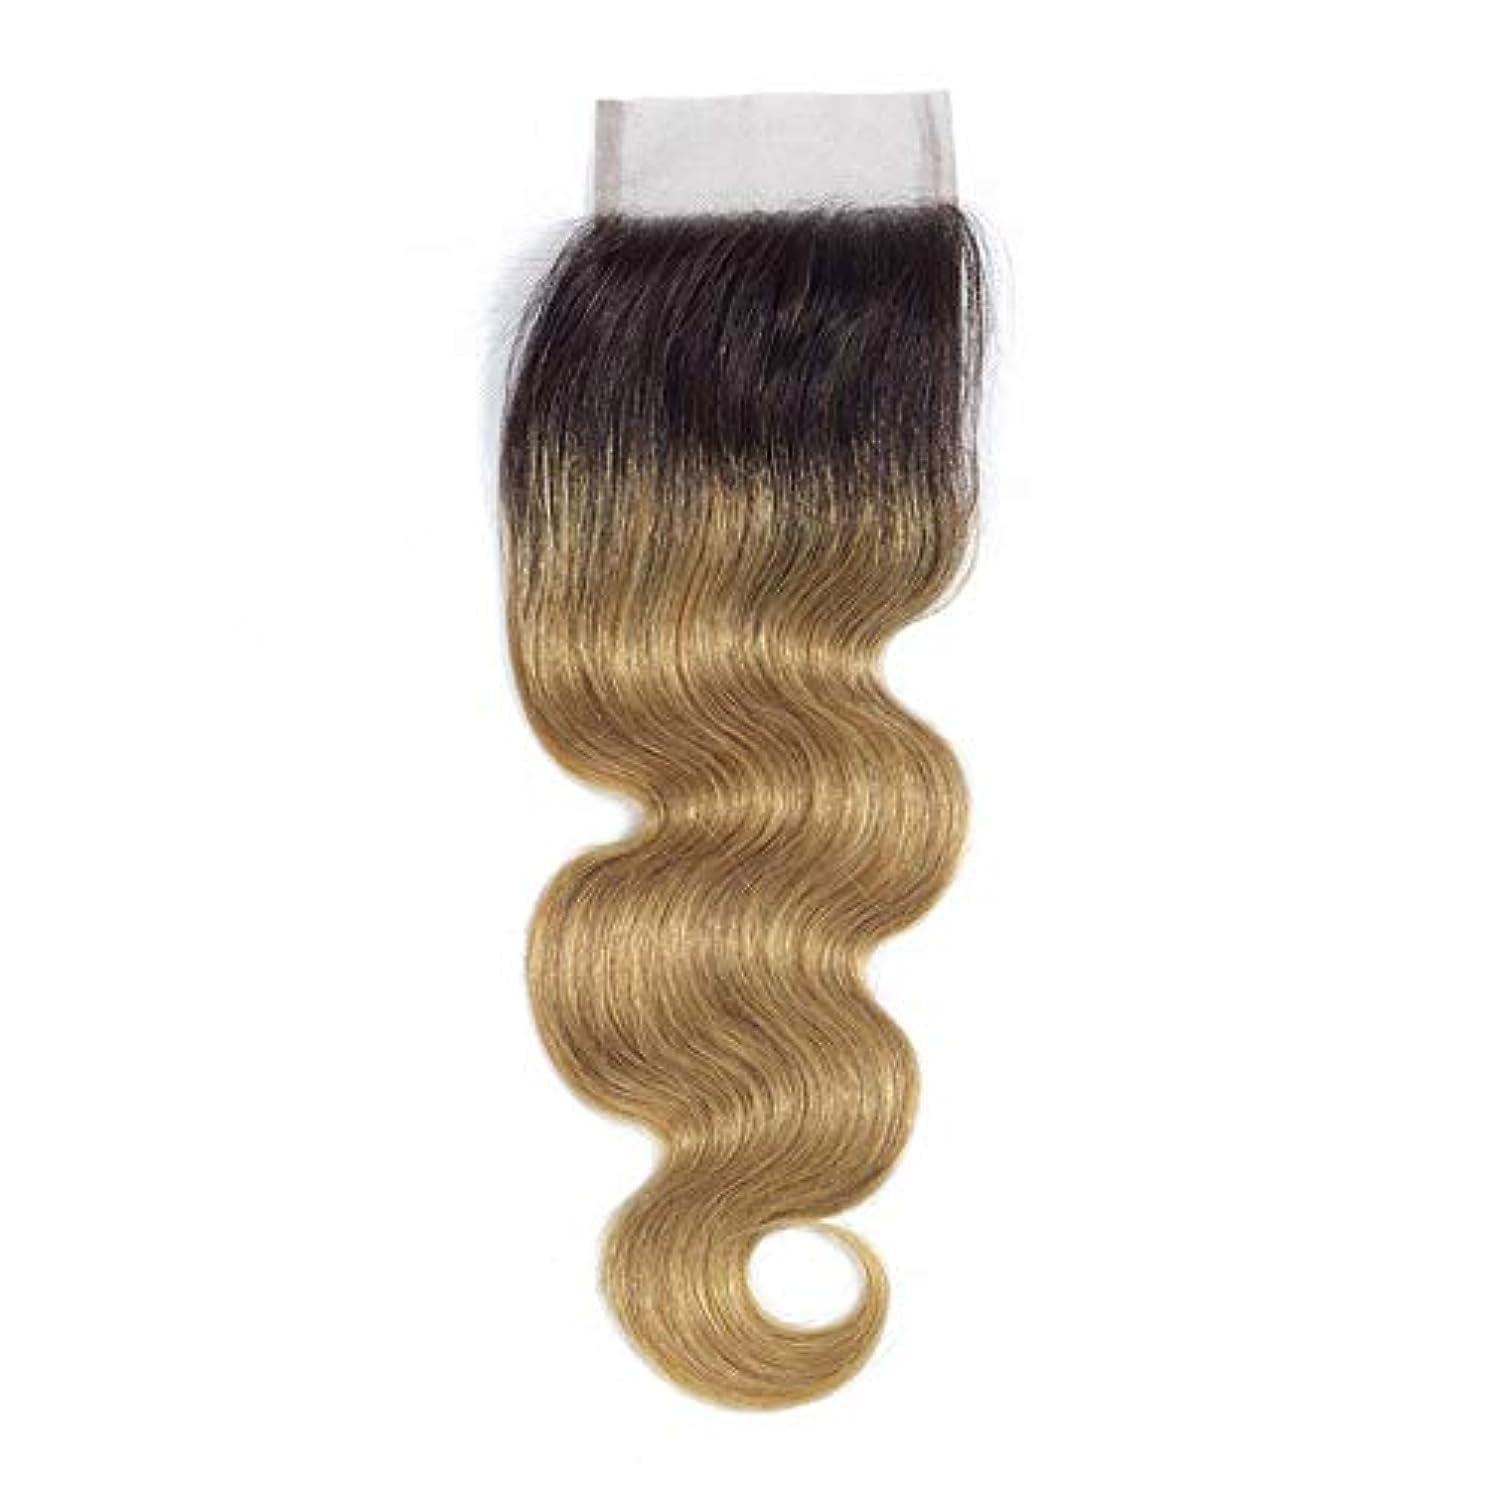 征服者アクセスできない時WASAIO オンブルボディウェーブ人間の髪ブラックライトブラウン拡張クリップ裏地なし髪型2トーン色フリーパート4x4のレースの正面閉鎖へ (色 : ブラウン, サイズ : 10 inch)